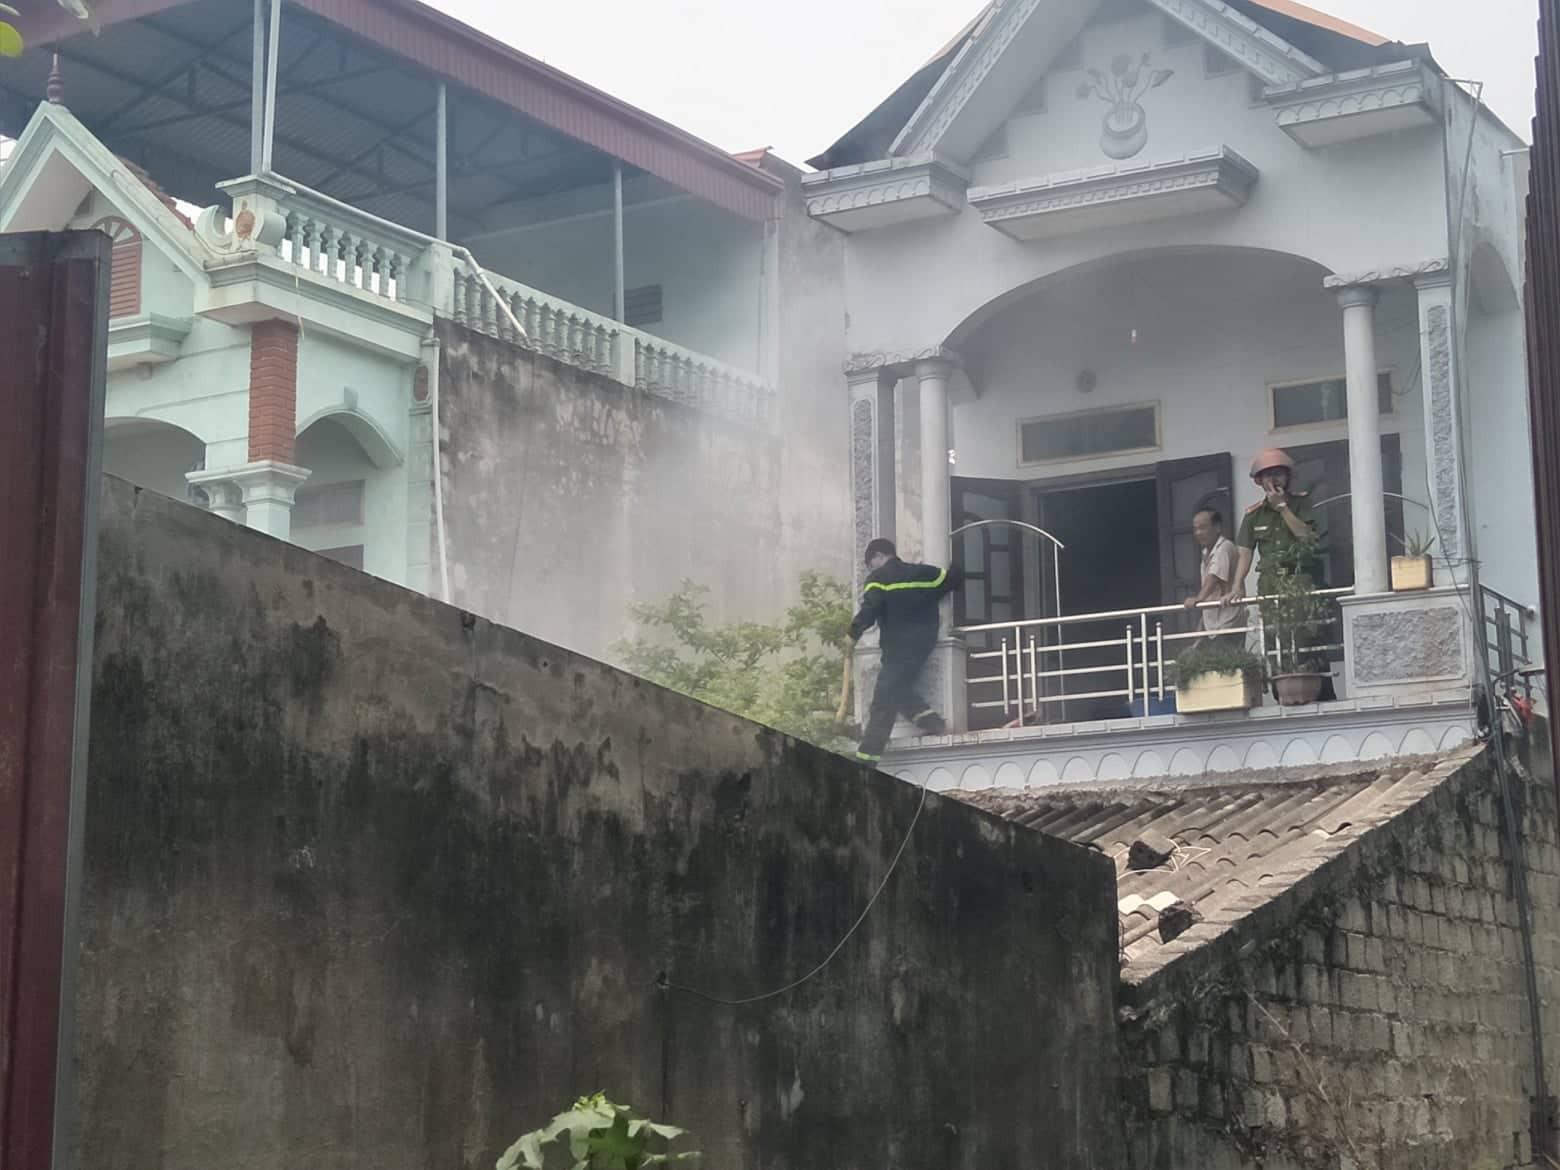 Hà Nam: Nhà dân bất ngờ cháy lớn cạnh quốc lộ 1A, lực lượng cứu hỏa phải phá cửa ngách dập lửa - Ảnh 1.